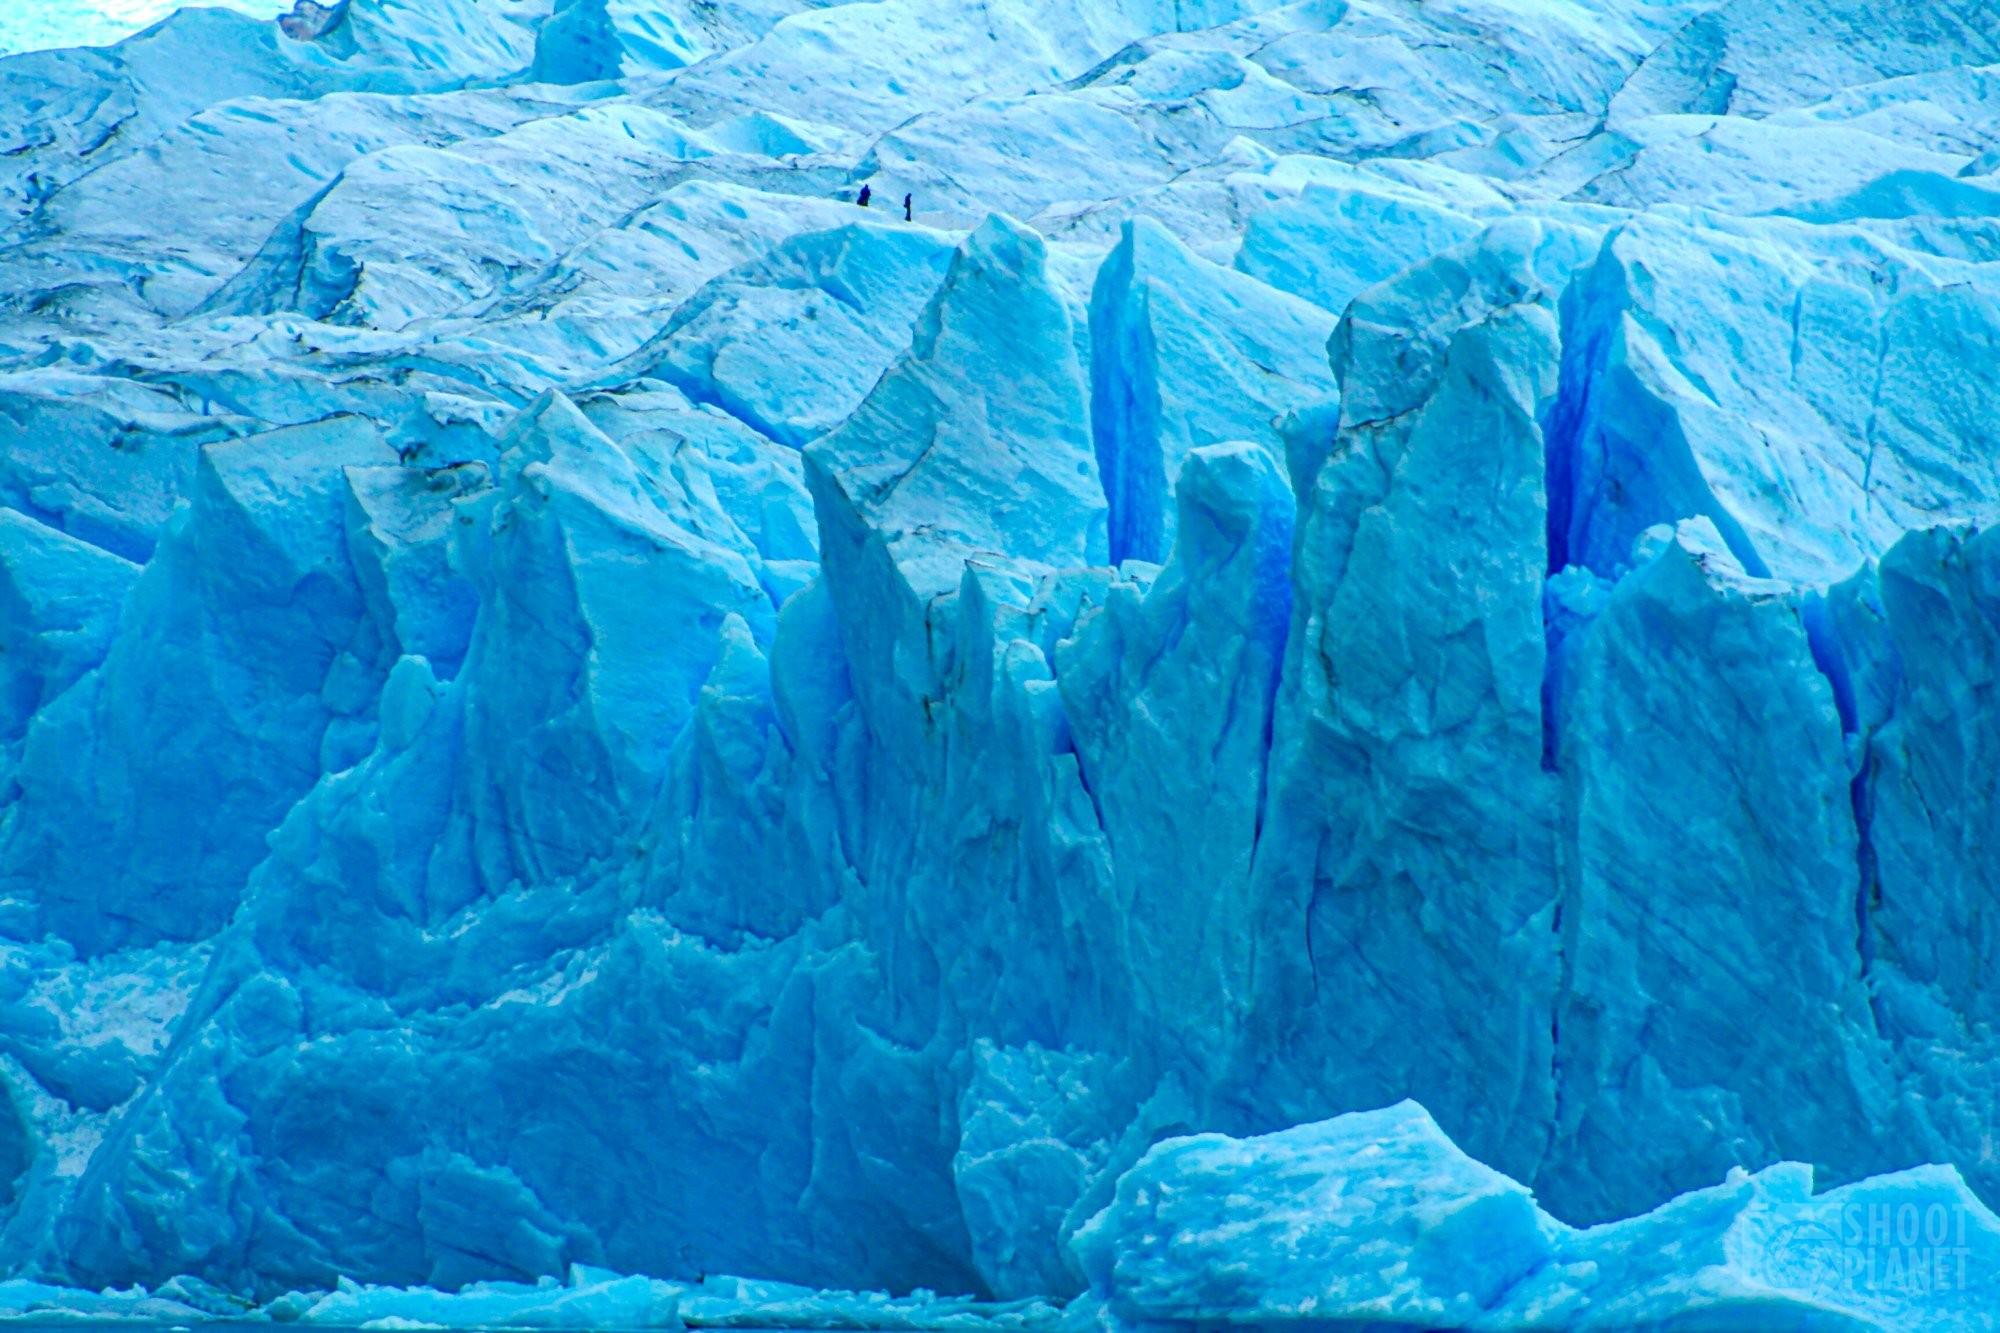 Perito Moreno glacier wall, Argentina